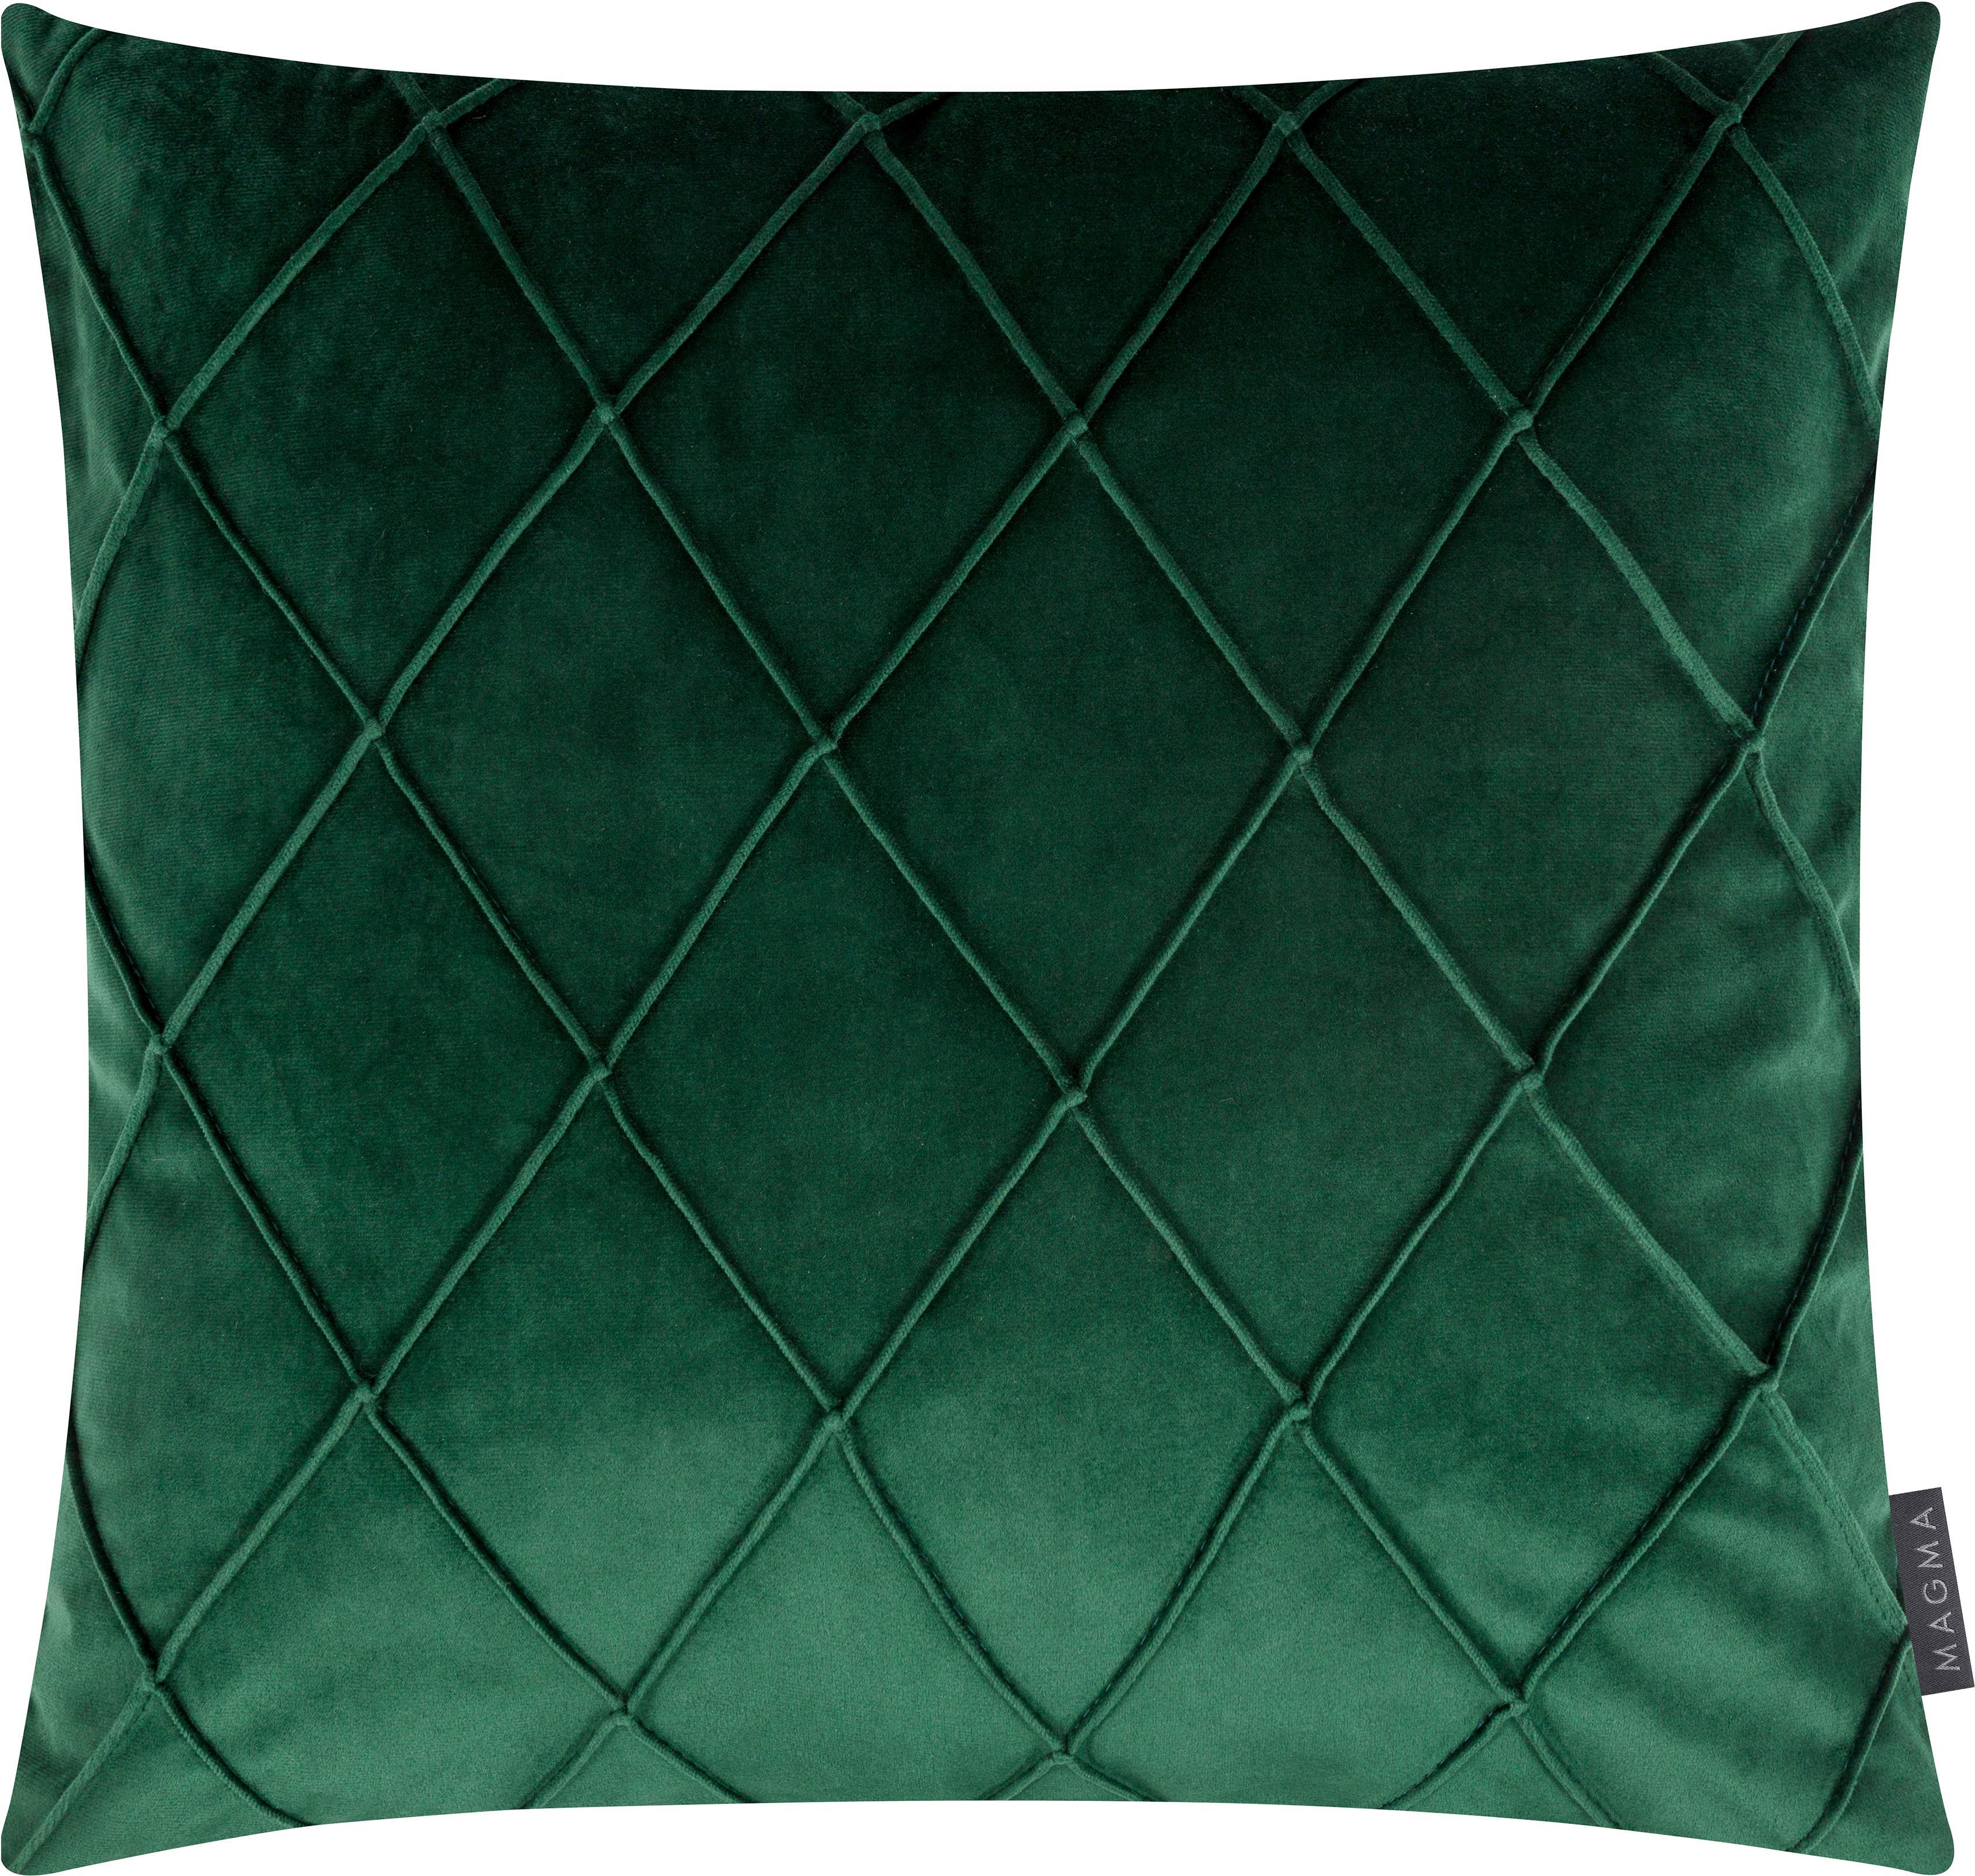 Fluwelen kussenhoes Nobless met verhoogd ruitjesmotief, Polyester fluweel, Groen, 50 x 50 cm